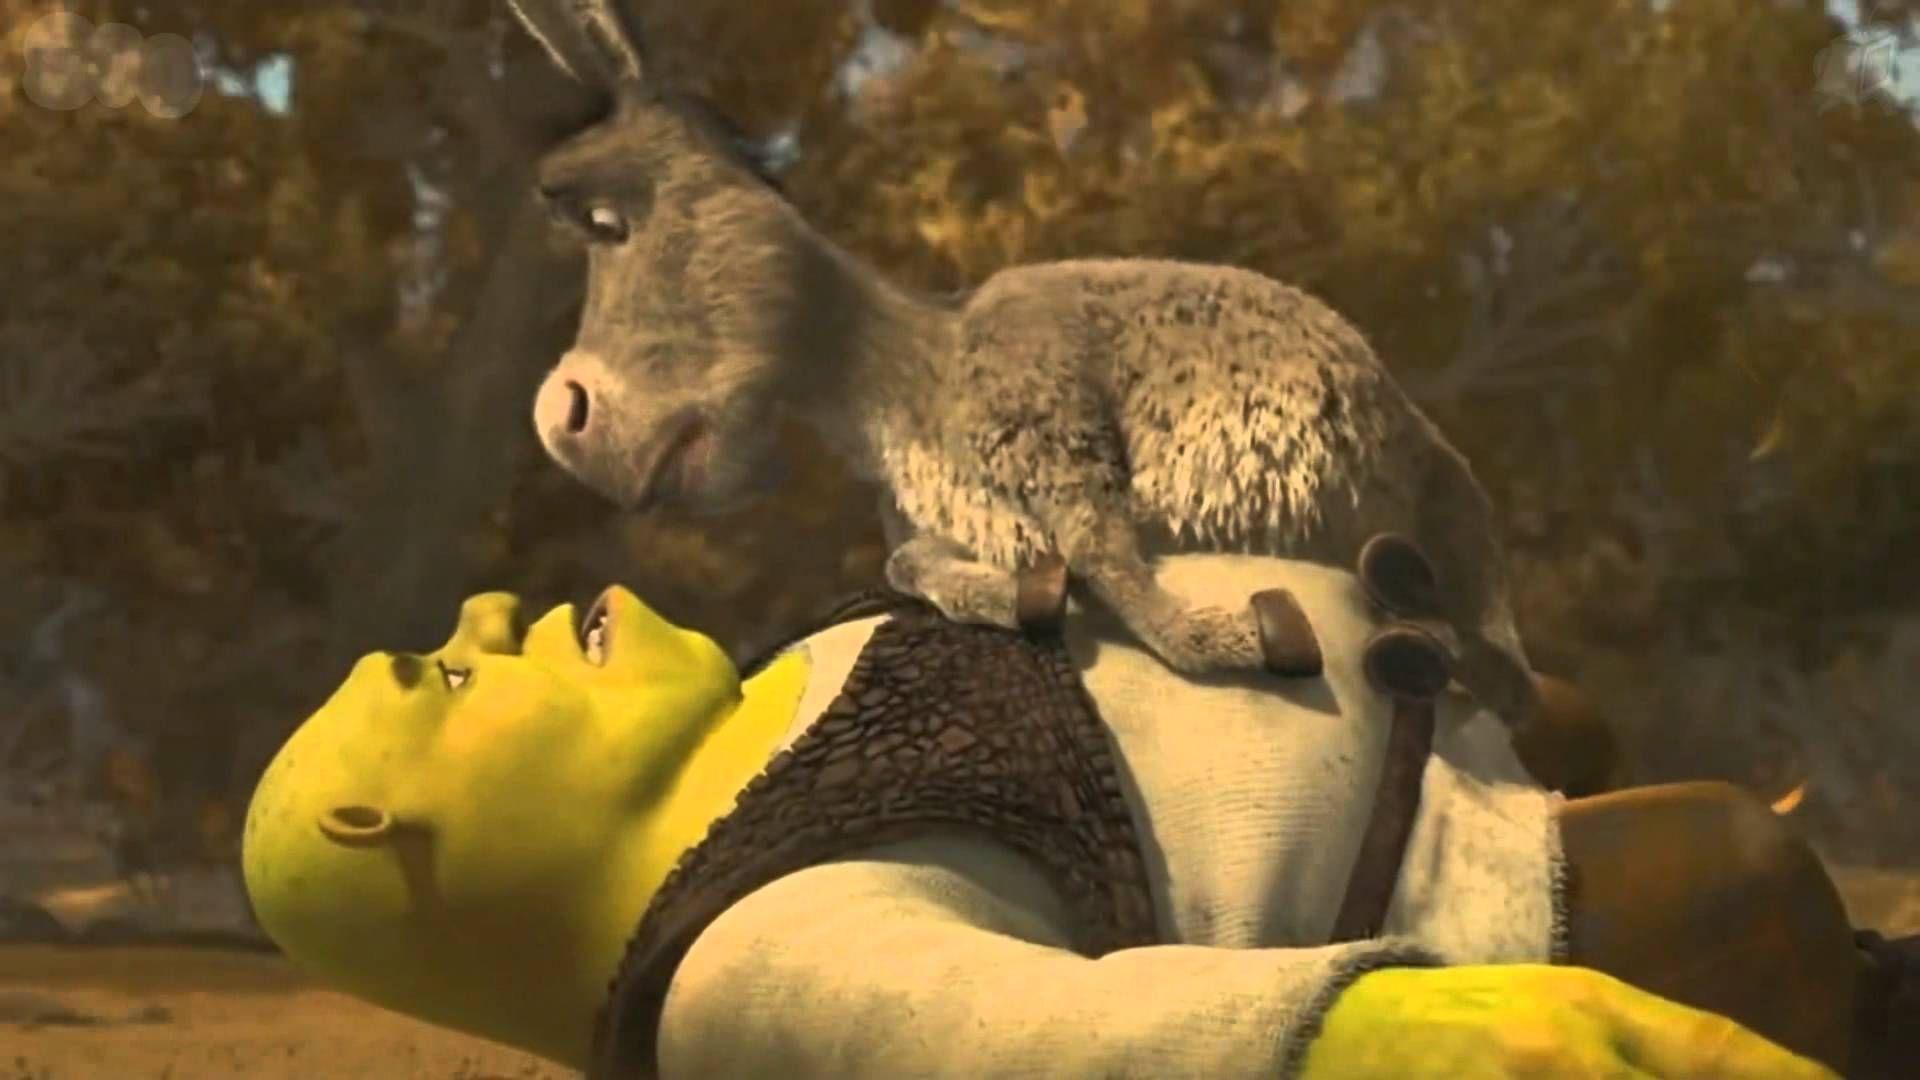 Cuando Shrek  se encuentra con Asno y lo rescata de las brujas, este no lo recuerda. ¿Cómo lo convence de que son amigos?